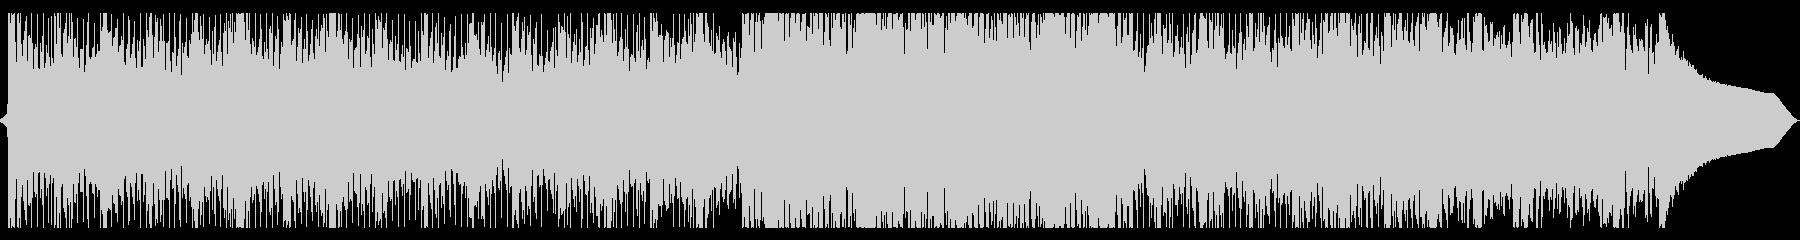 企業VP チャントの声がエモいEDMの未再生の波形